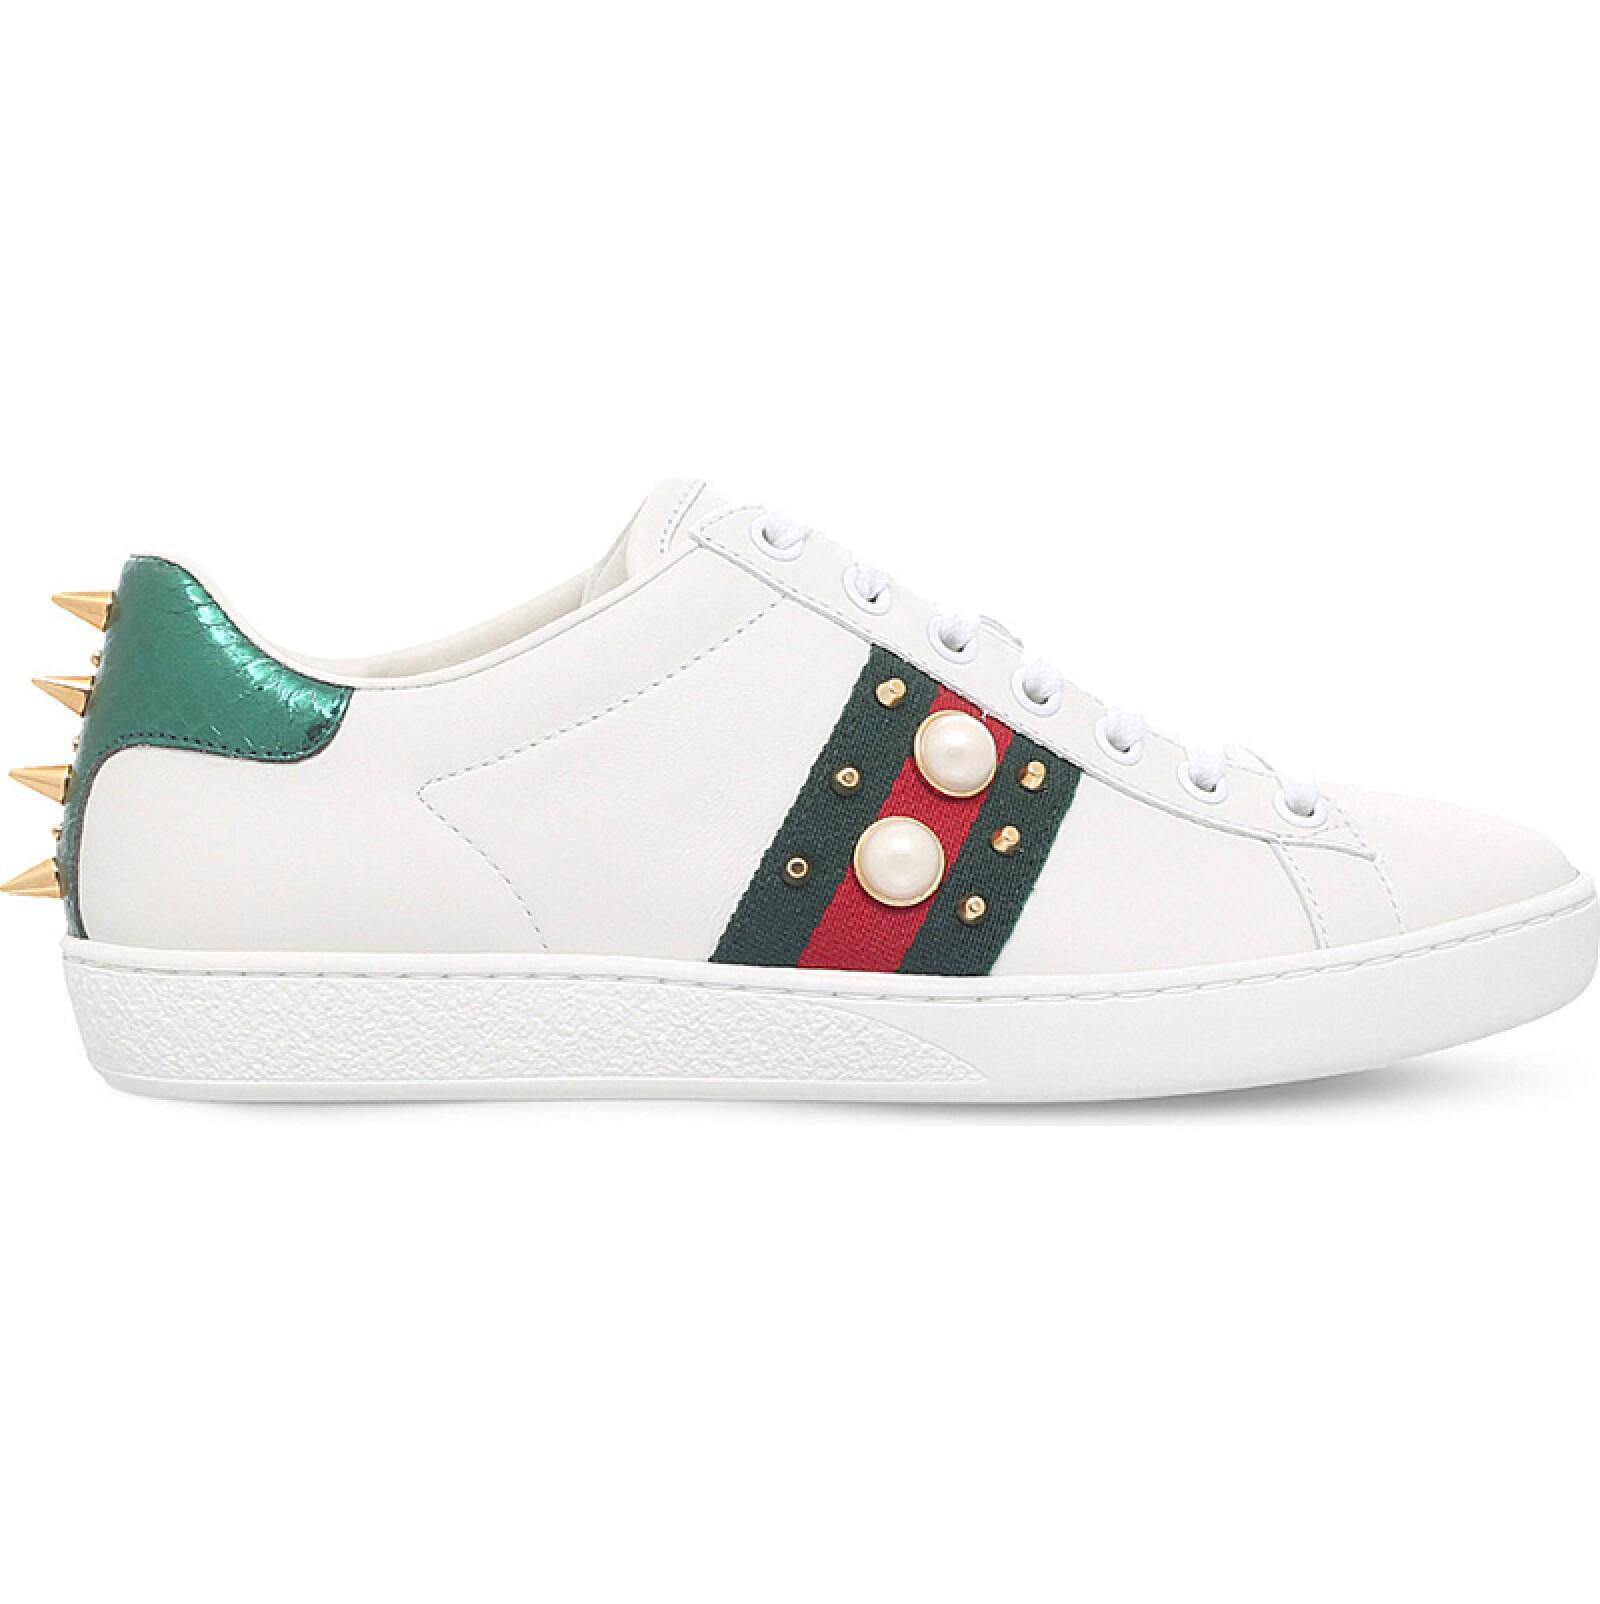 sneakers_9